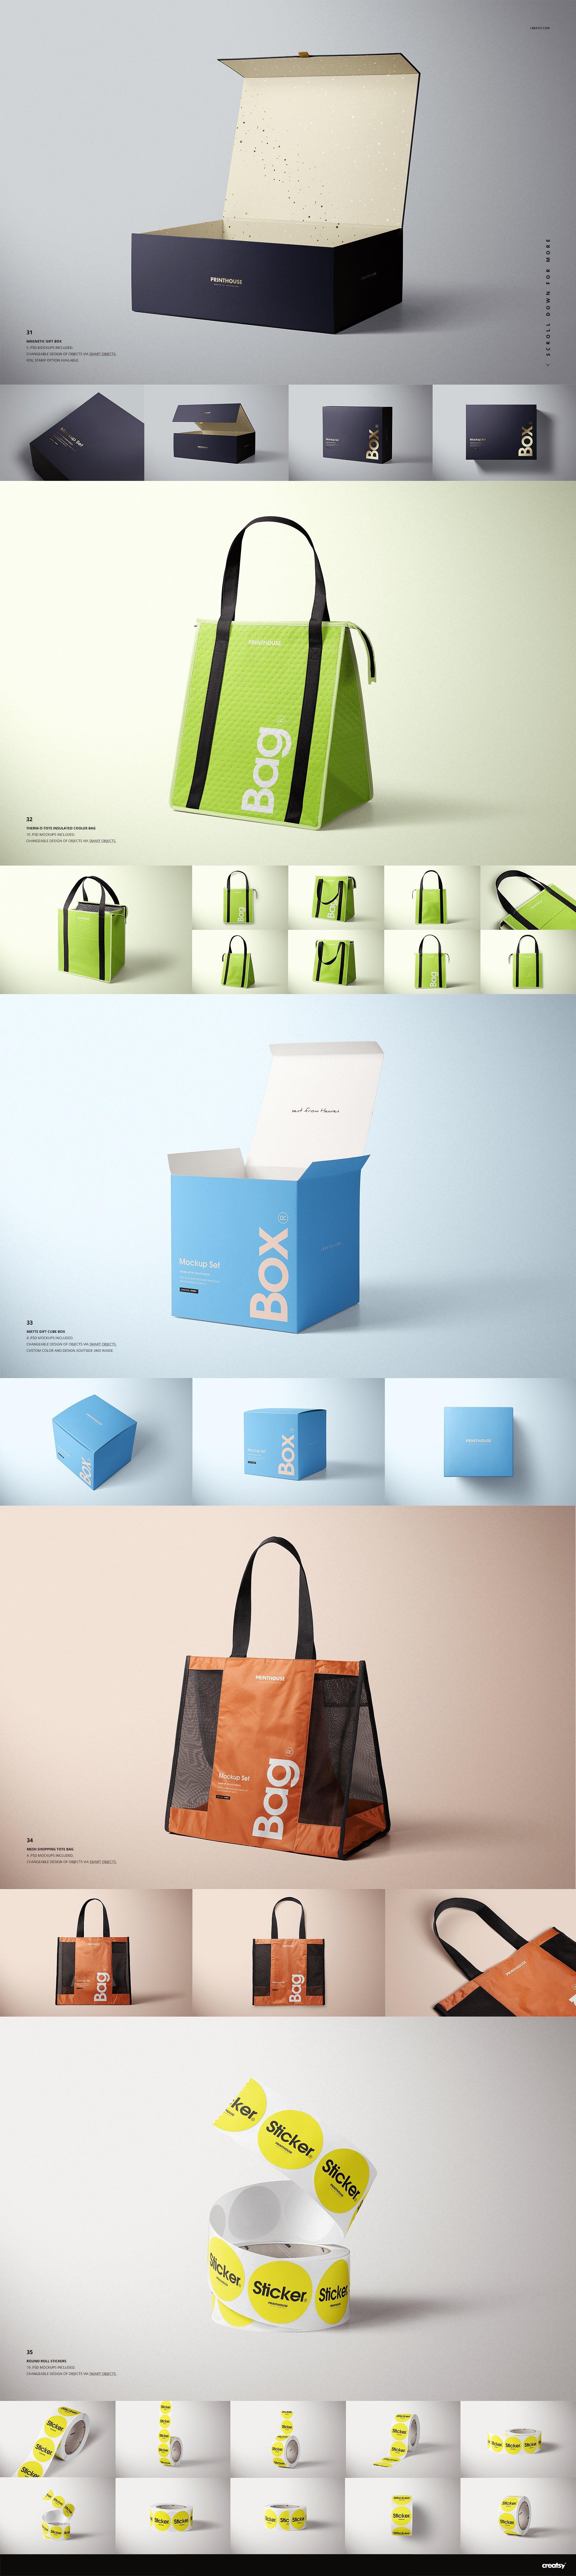 [淘宝购买] 273款时尚购物手提纸袋快递气泡塑料袋纸箱设计贴图PSD样机 Printhouse Mockups Bundle v.1插图(11)